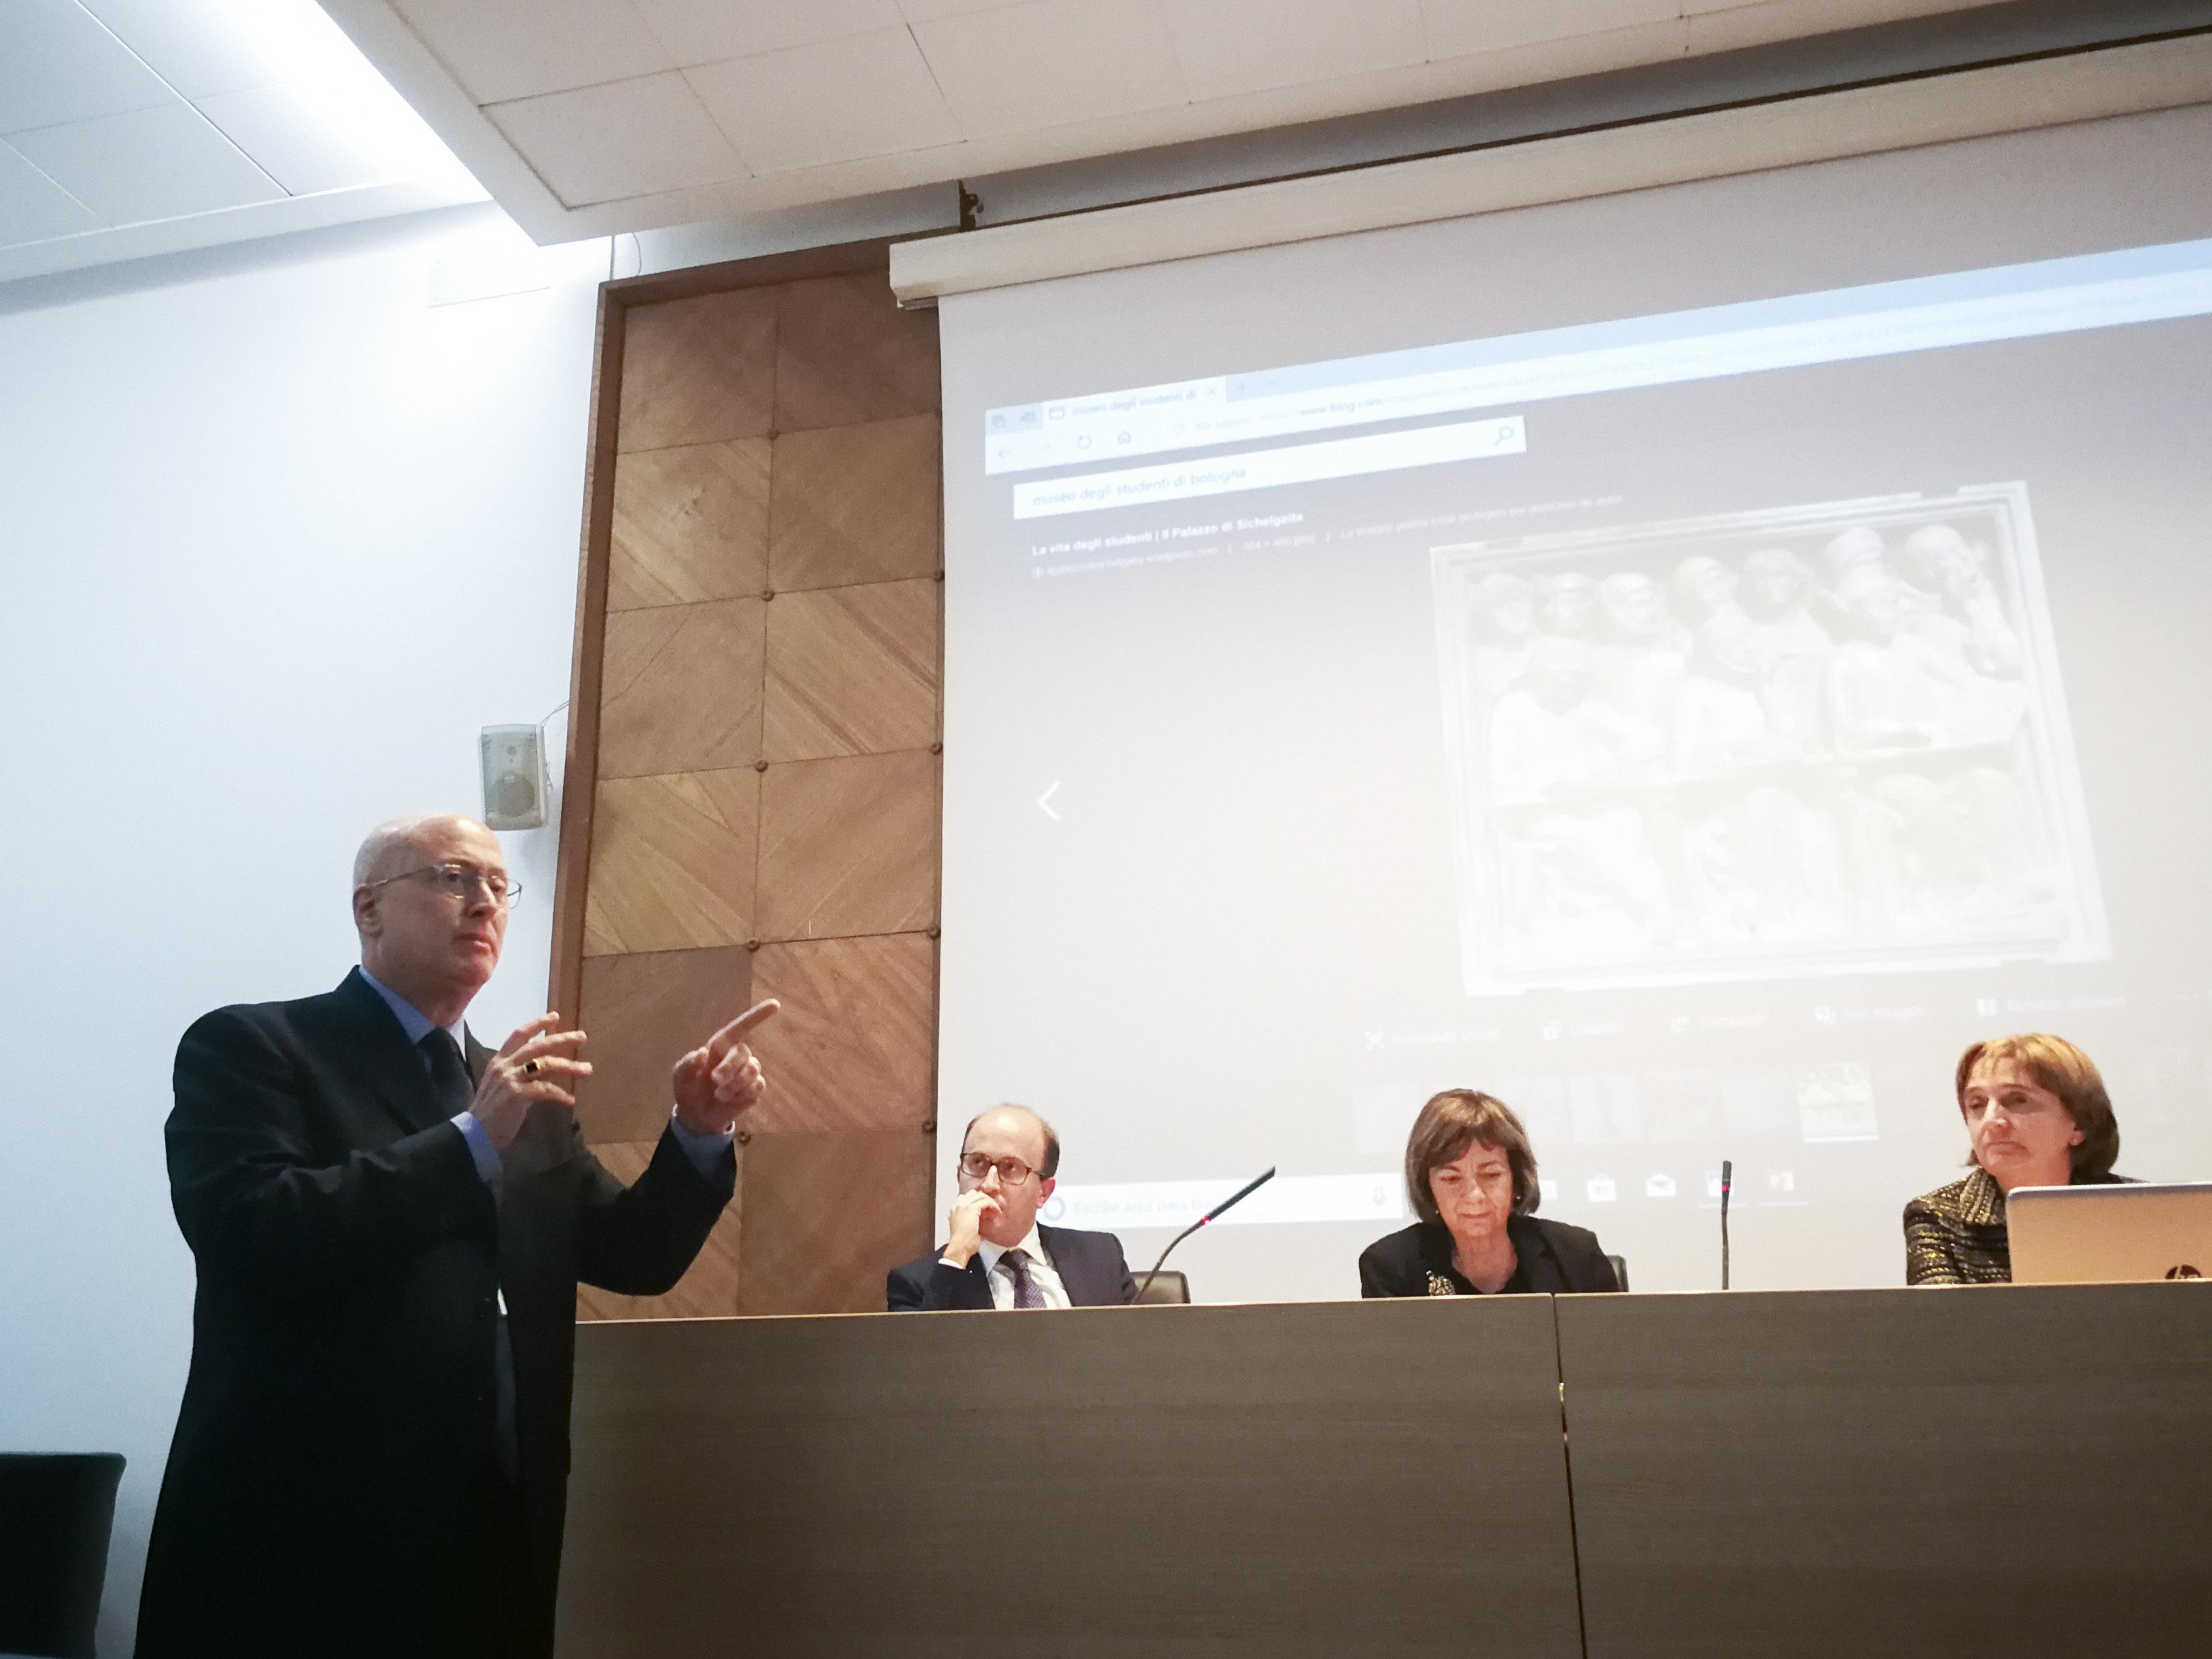 La practica educativa_PalmadiMaiorca-173505